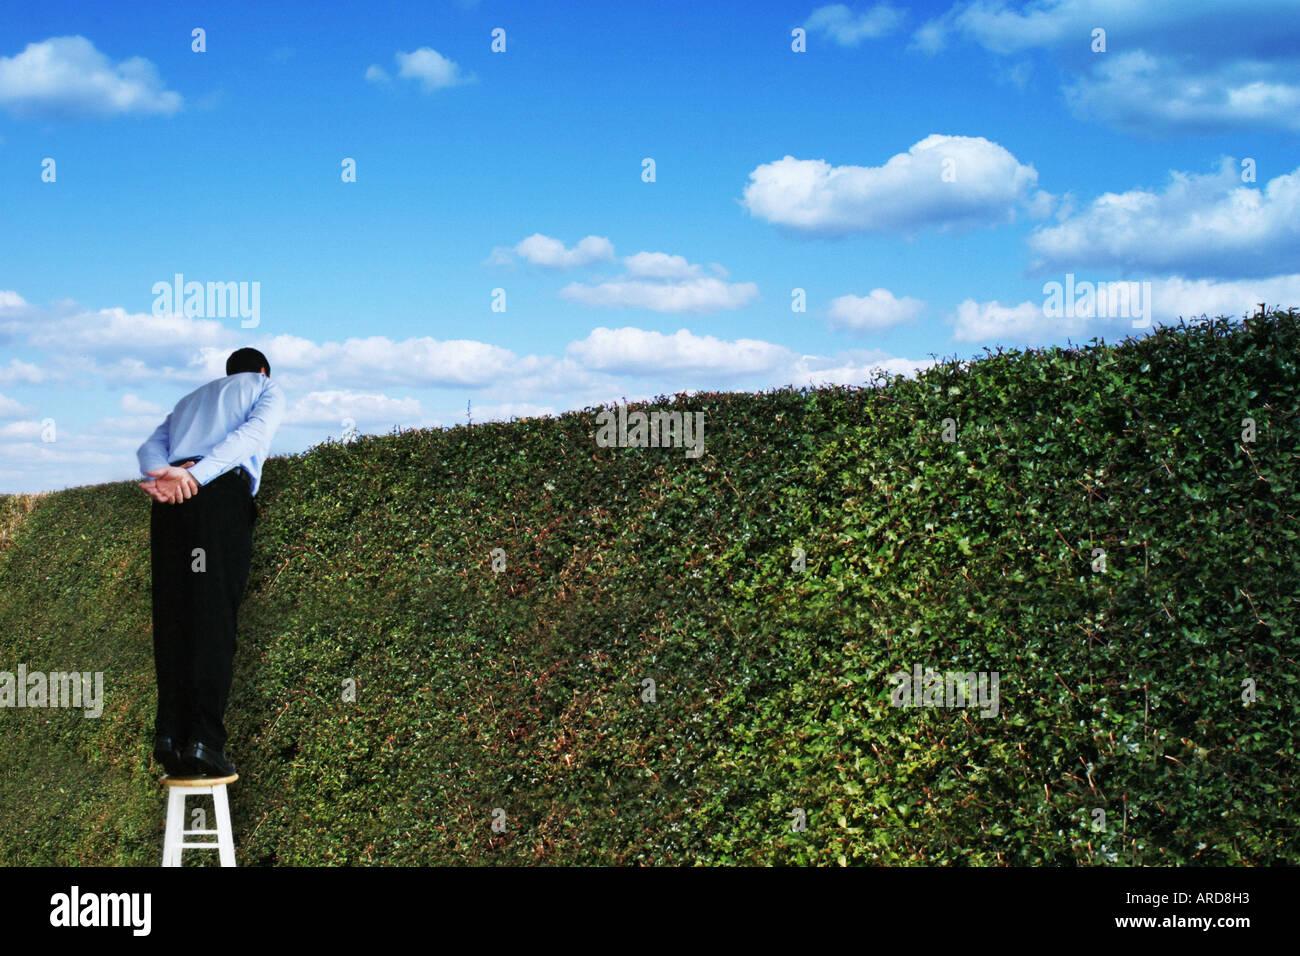 Uomo in piedi su uno sgabello guardando sopra una siepe alta Immagini Stock